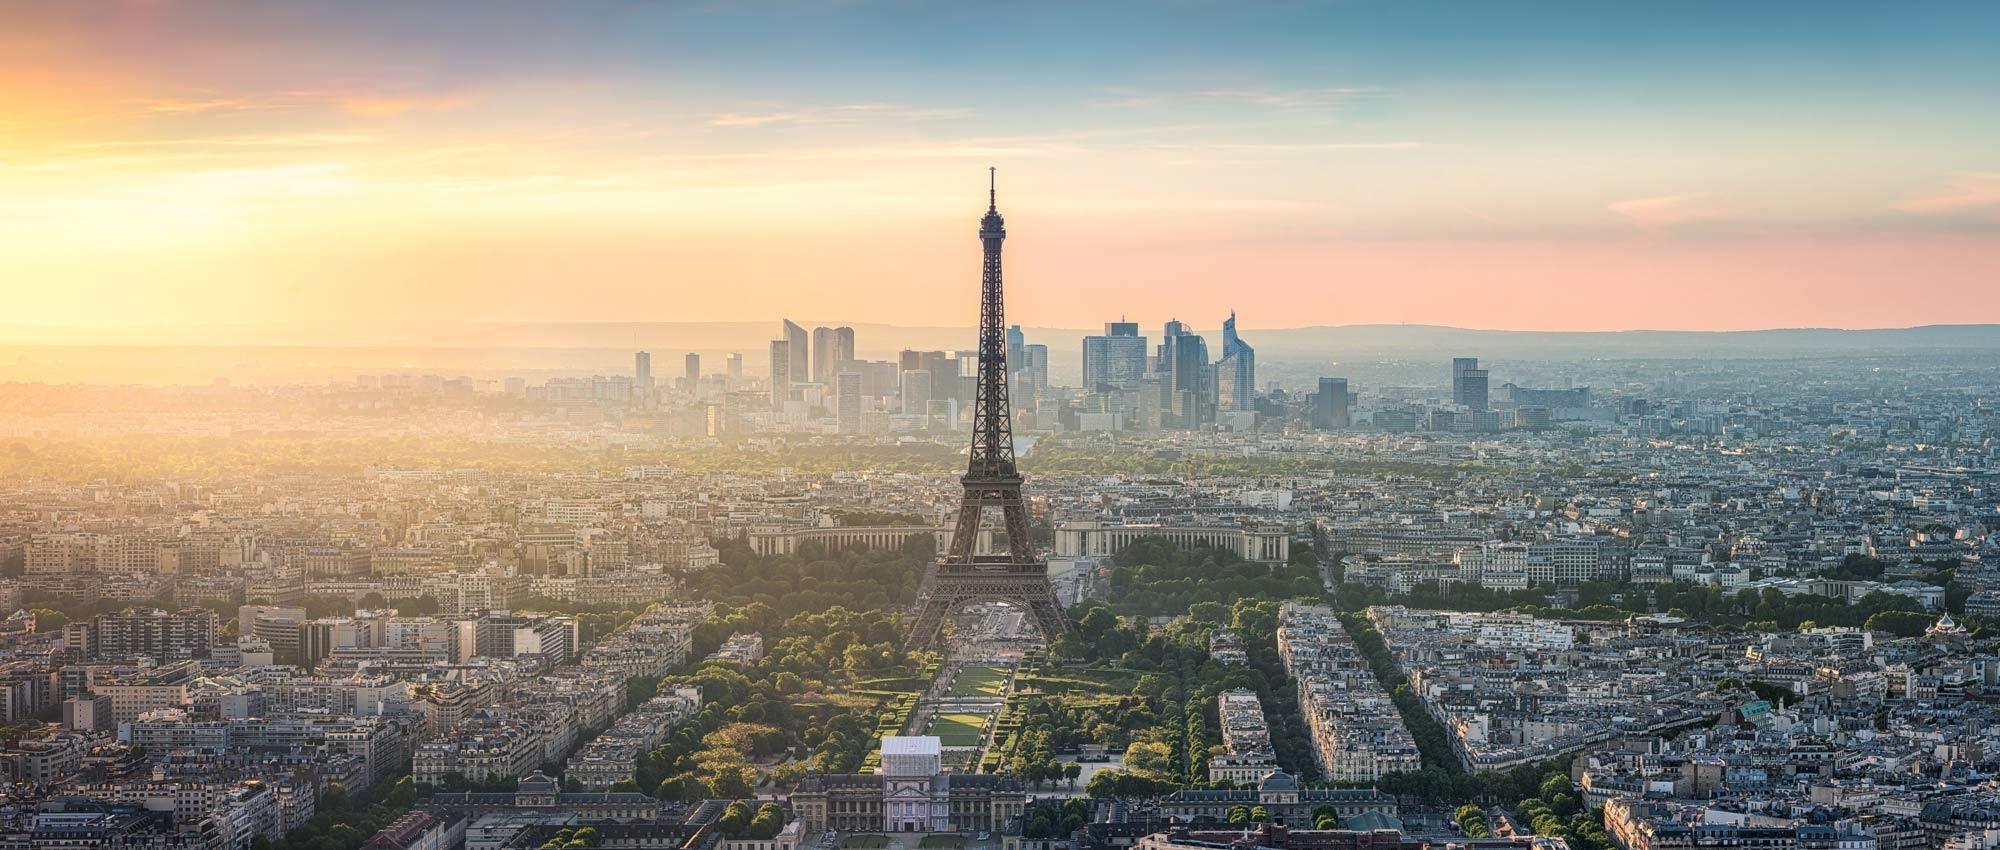 Noleggio Rolls Royce a Parigi